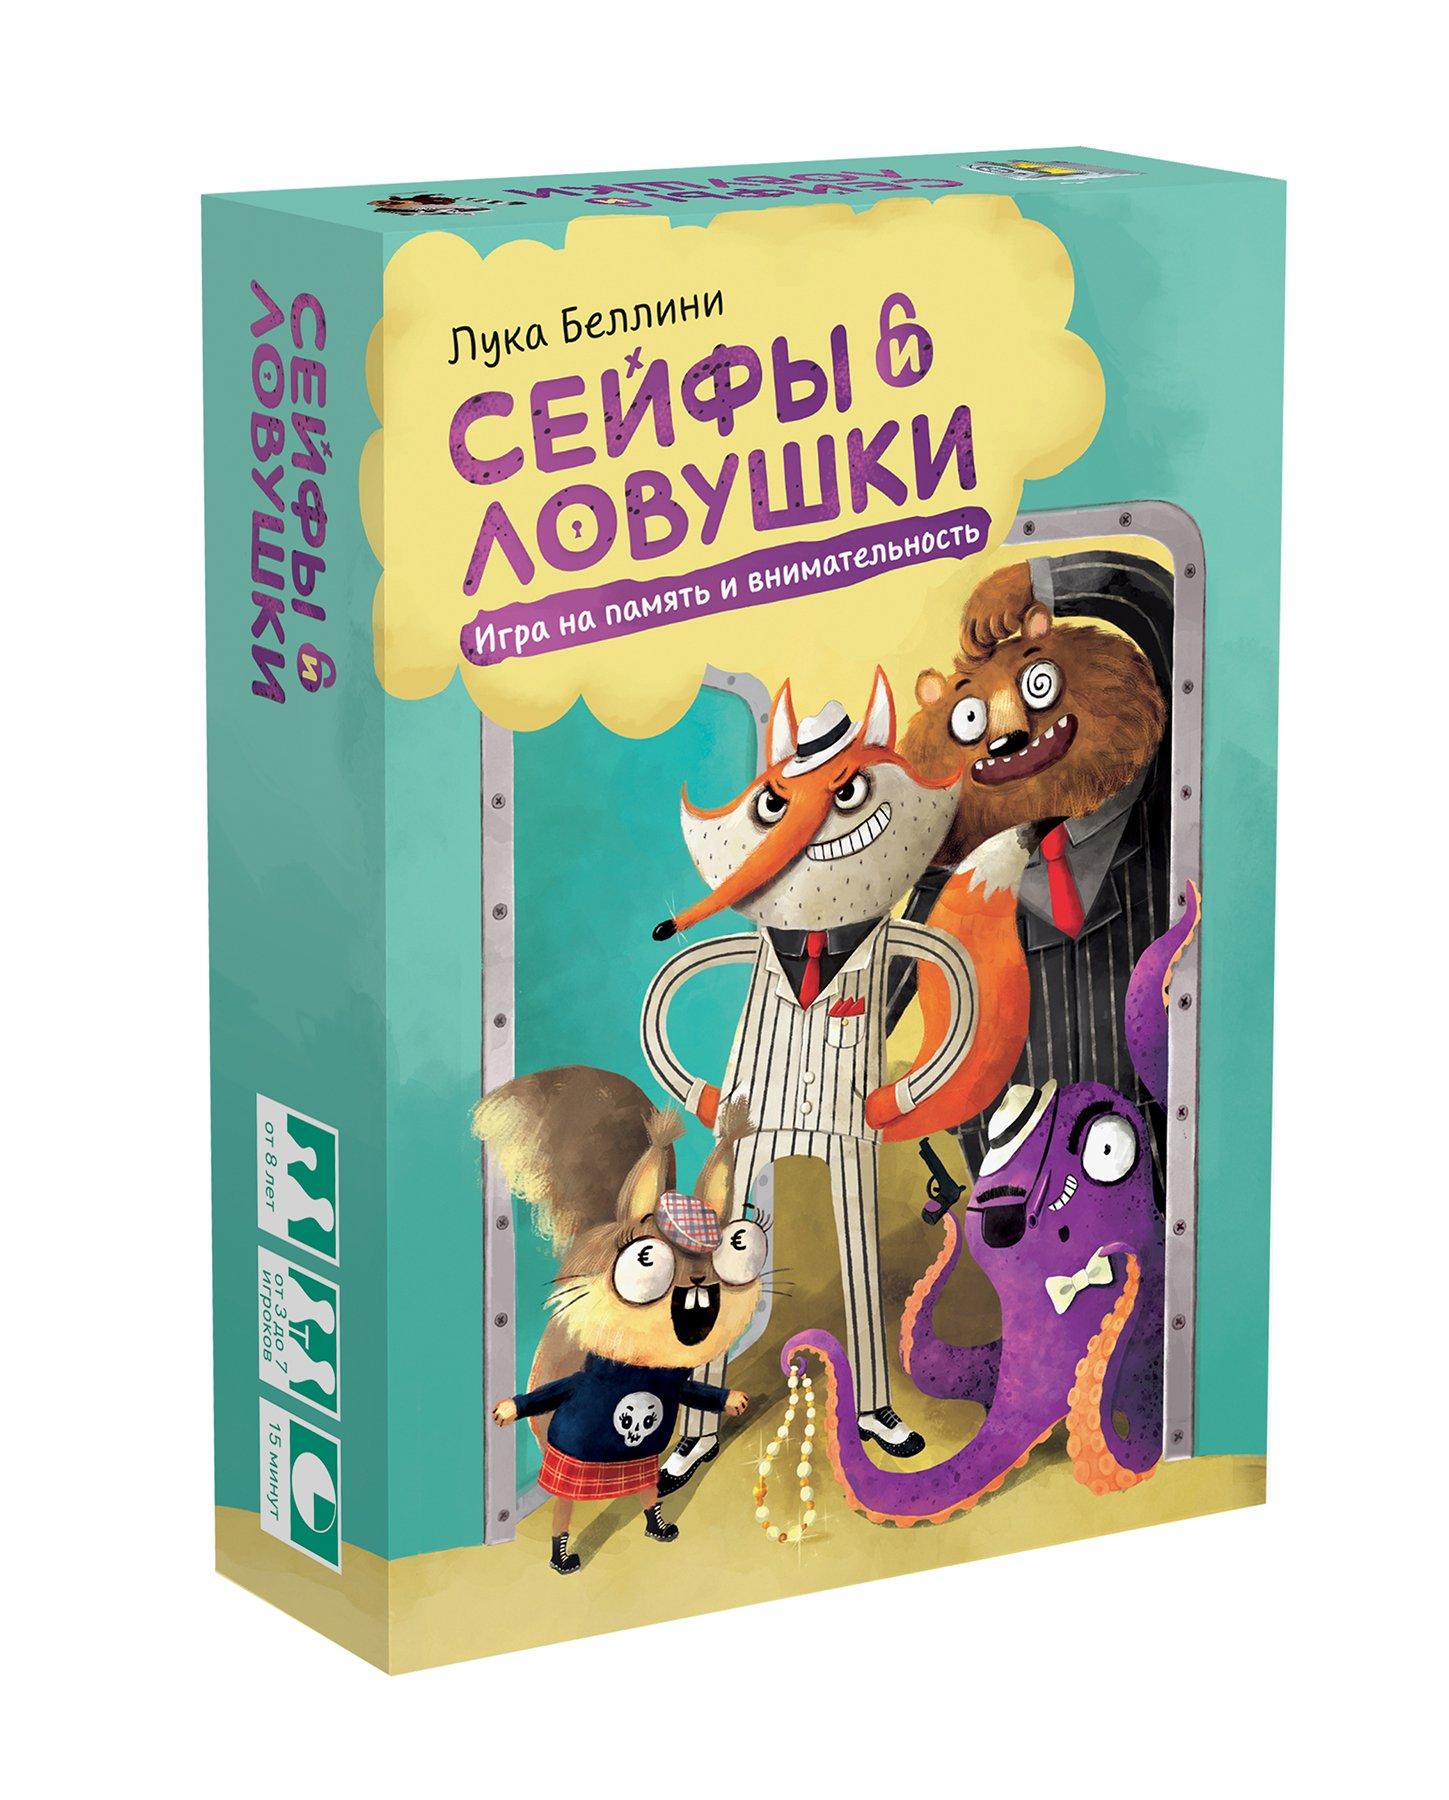 Беллини Лука Настольная игра «Сейфы и ловушки»